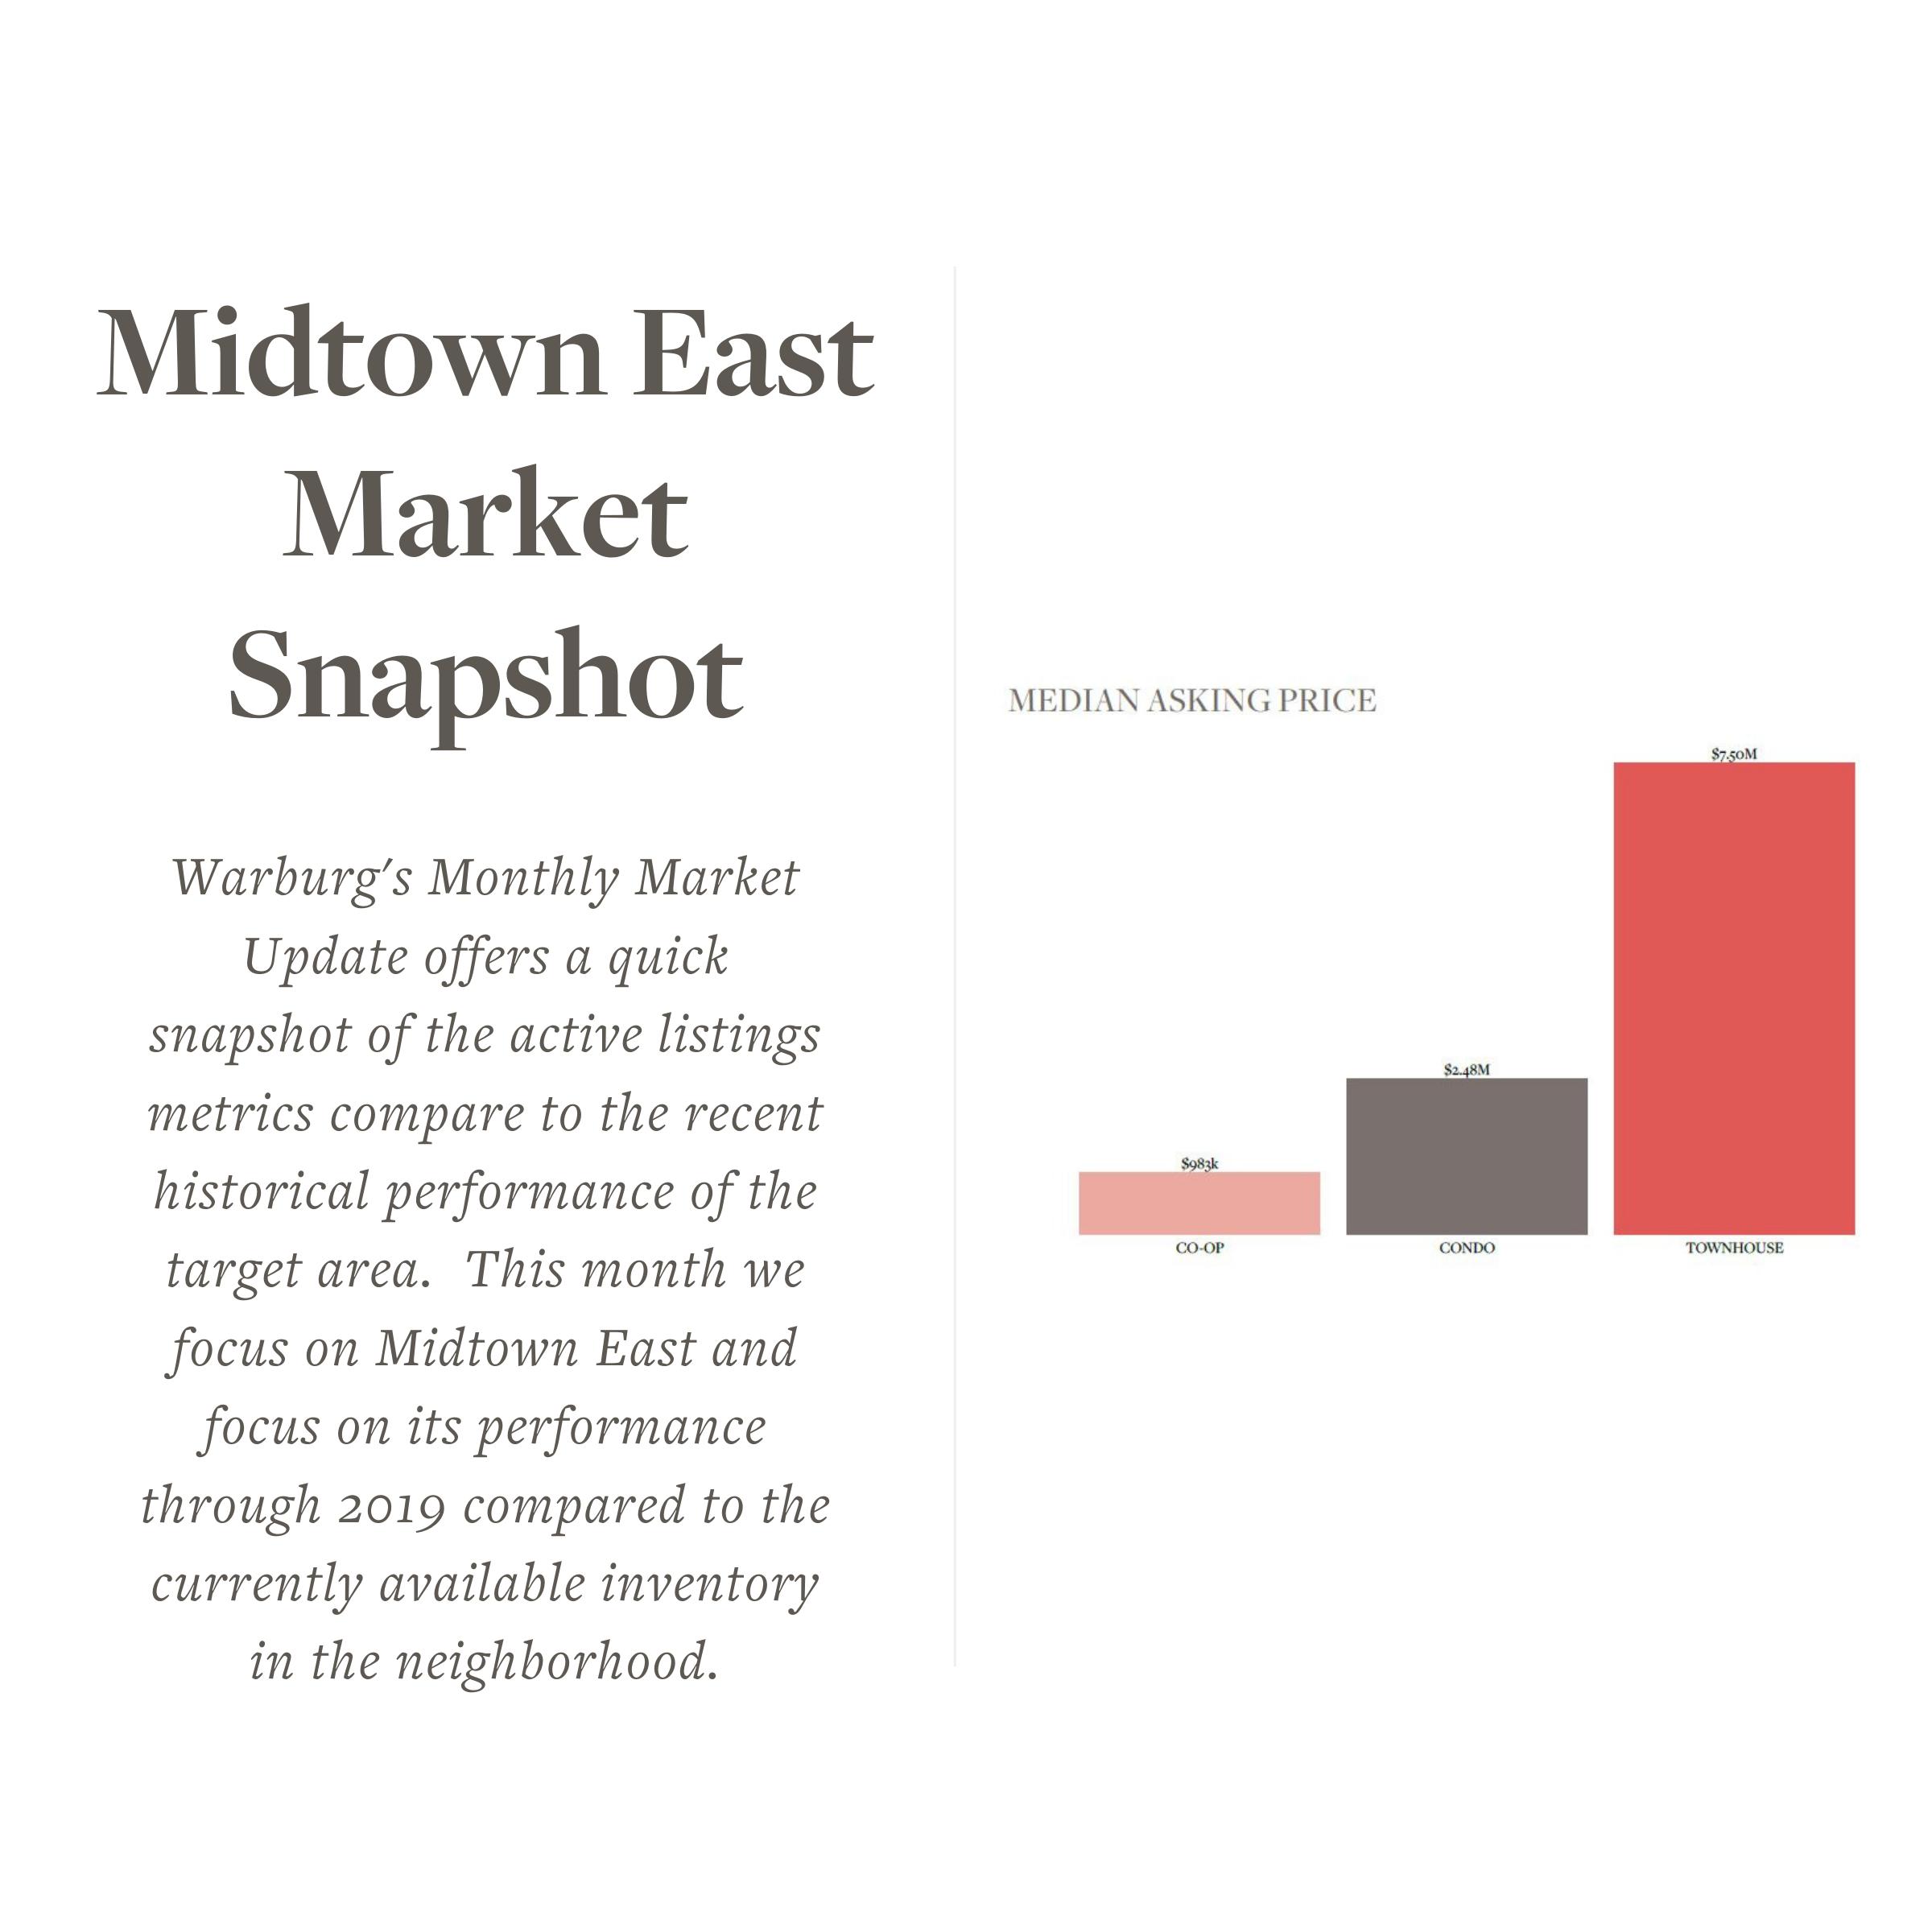 7_Midtown East Snapshot